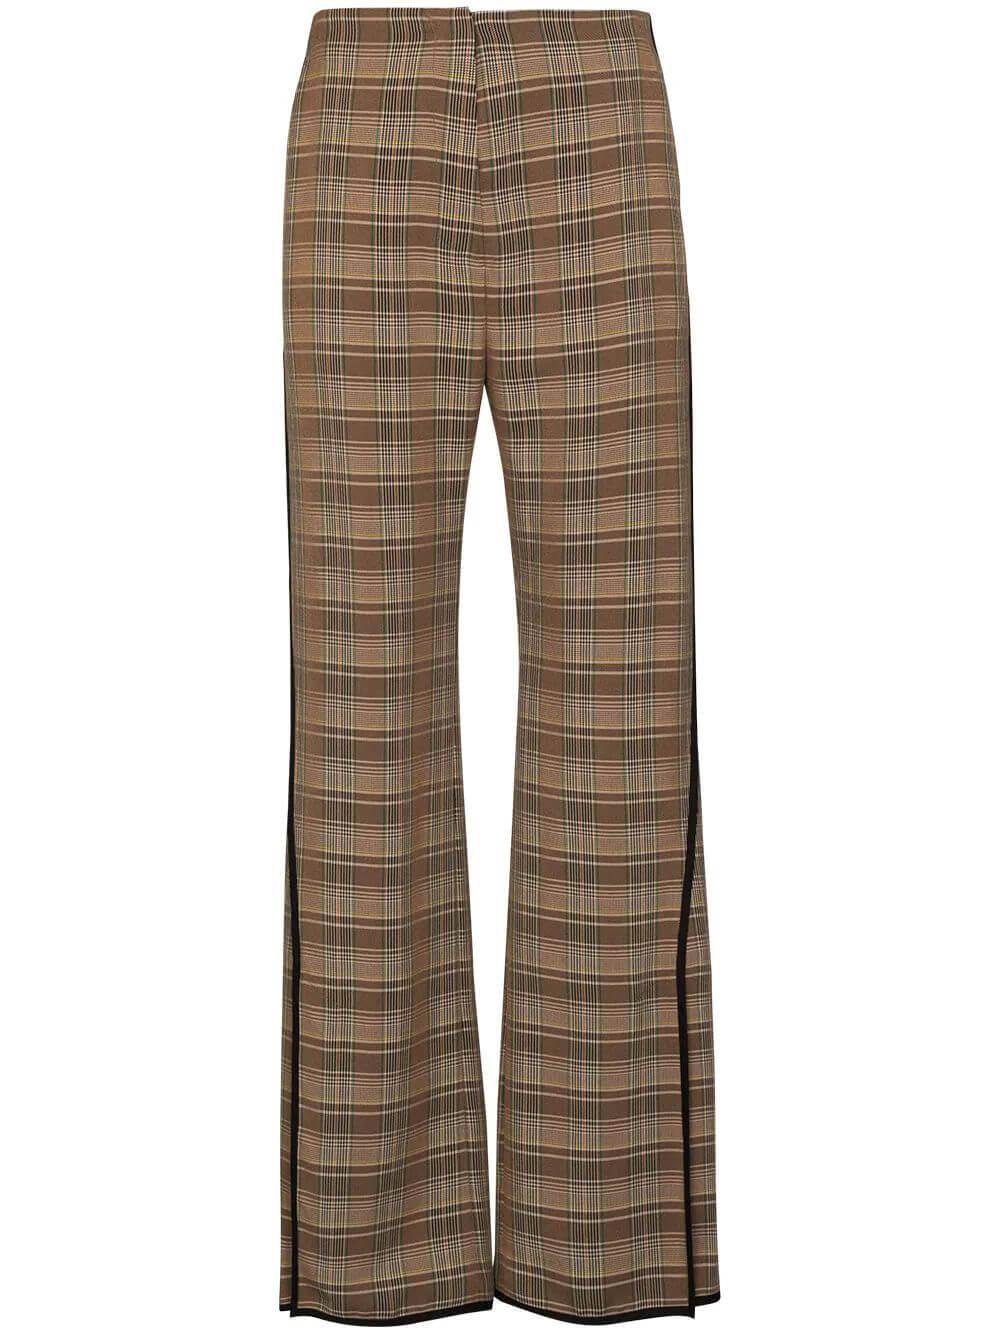 Tulip Tweed Pants Item # NW21FWPA01465